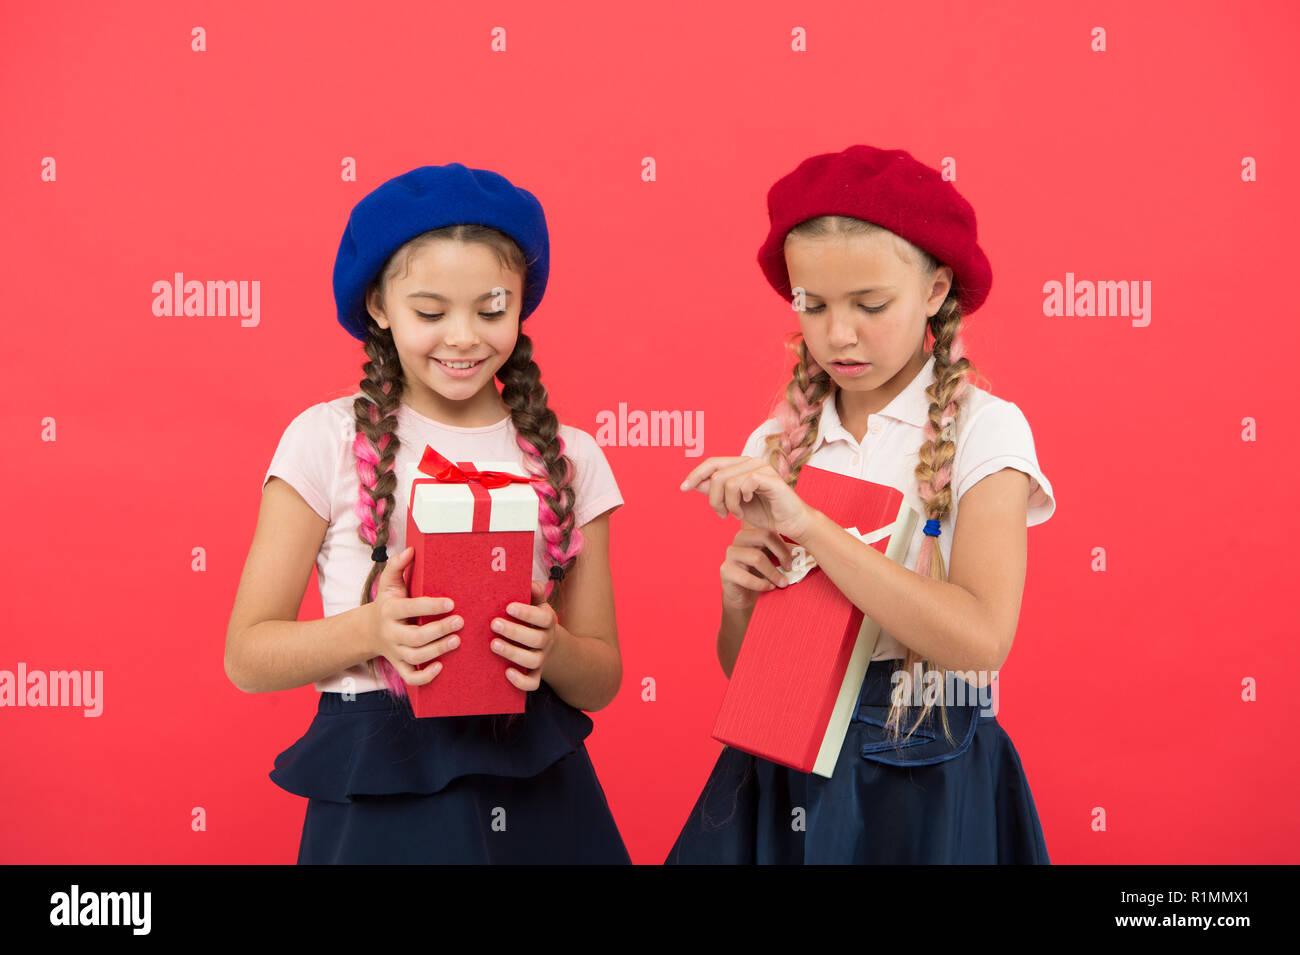 Geschenke Boxen Stockfotos & Geschenke Boxen Bilder - Alamy